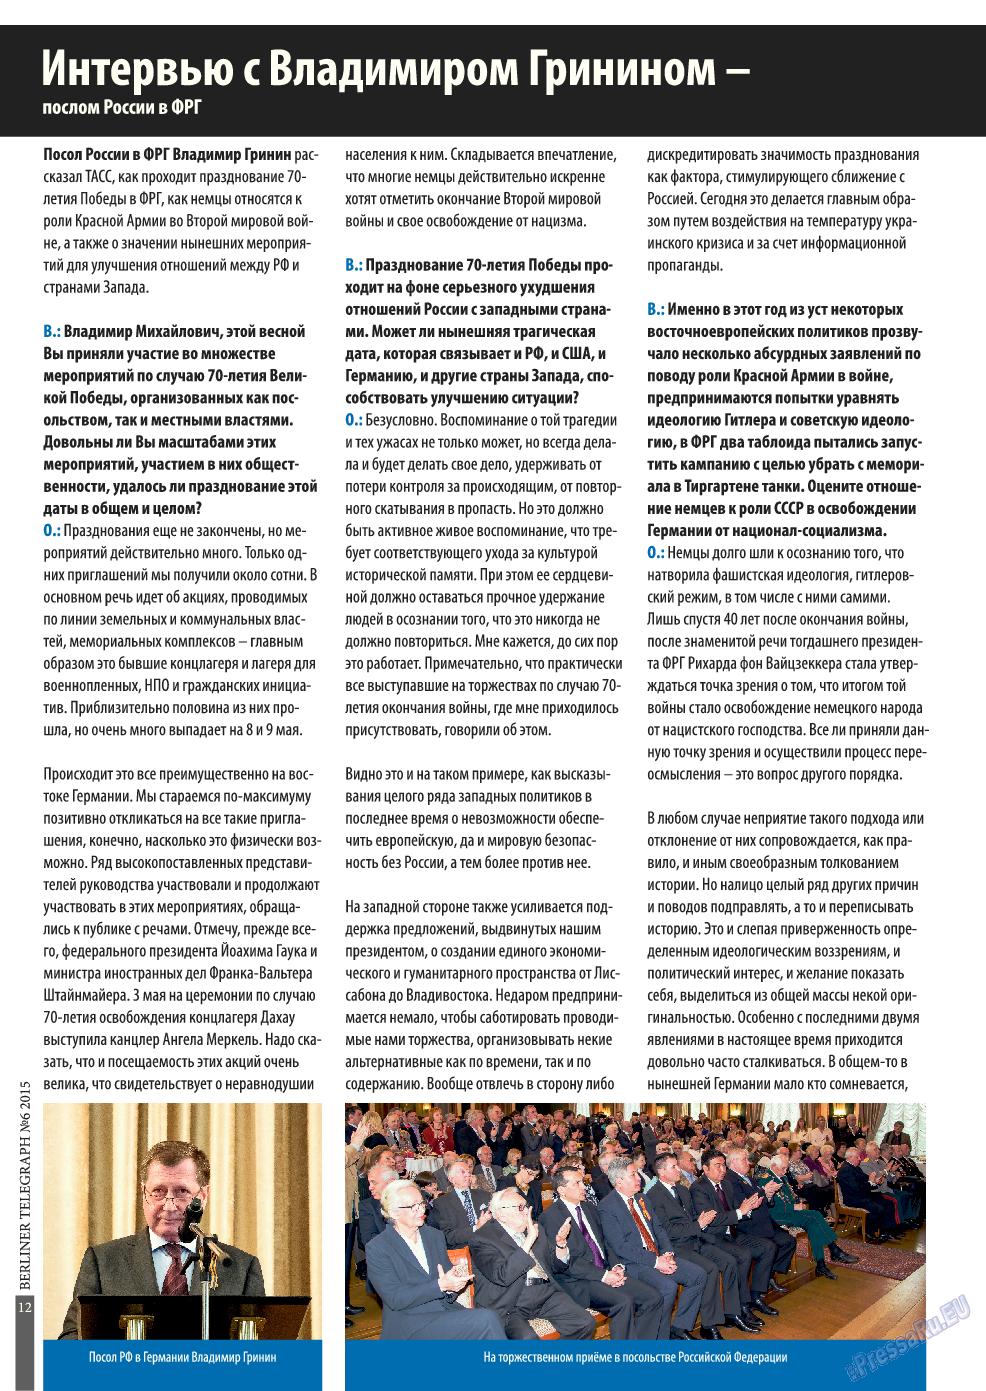 Берлинский телеграф (журнал). 2015 год, номер 6, стр. 12